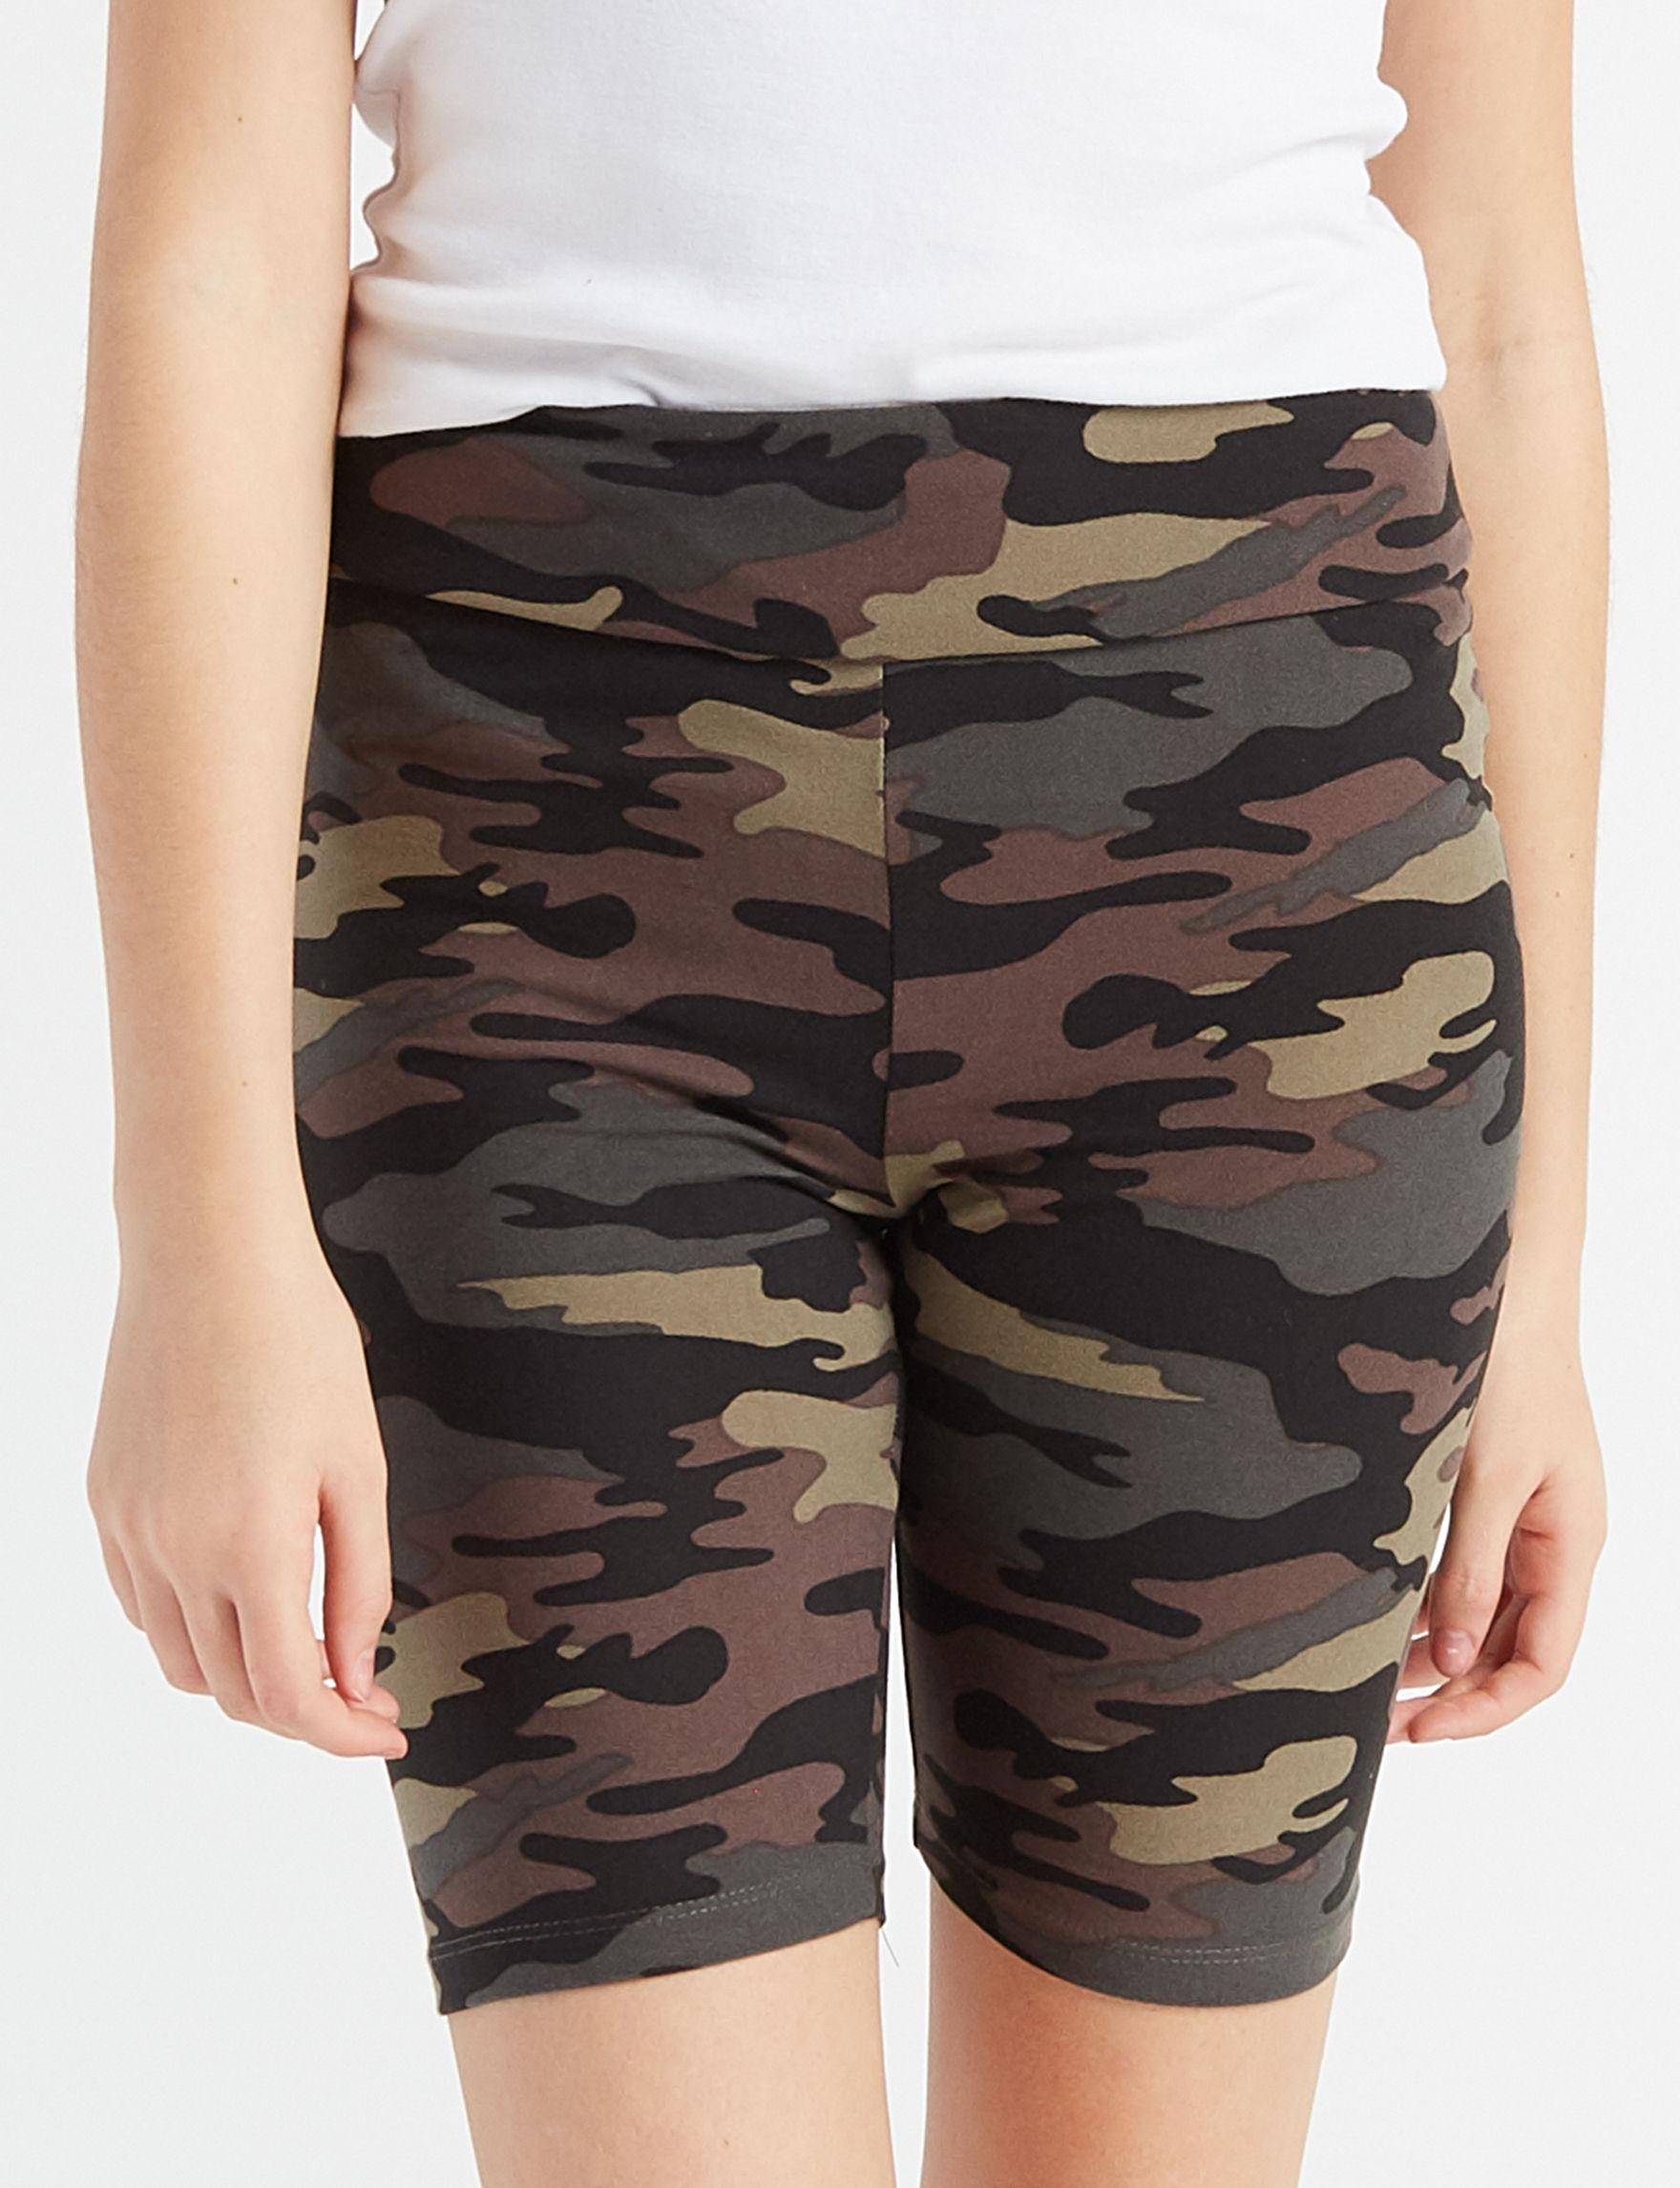 Wishful Park Camo Biker Shorts